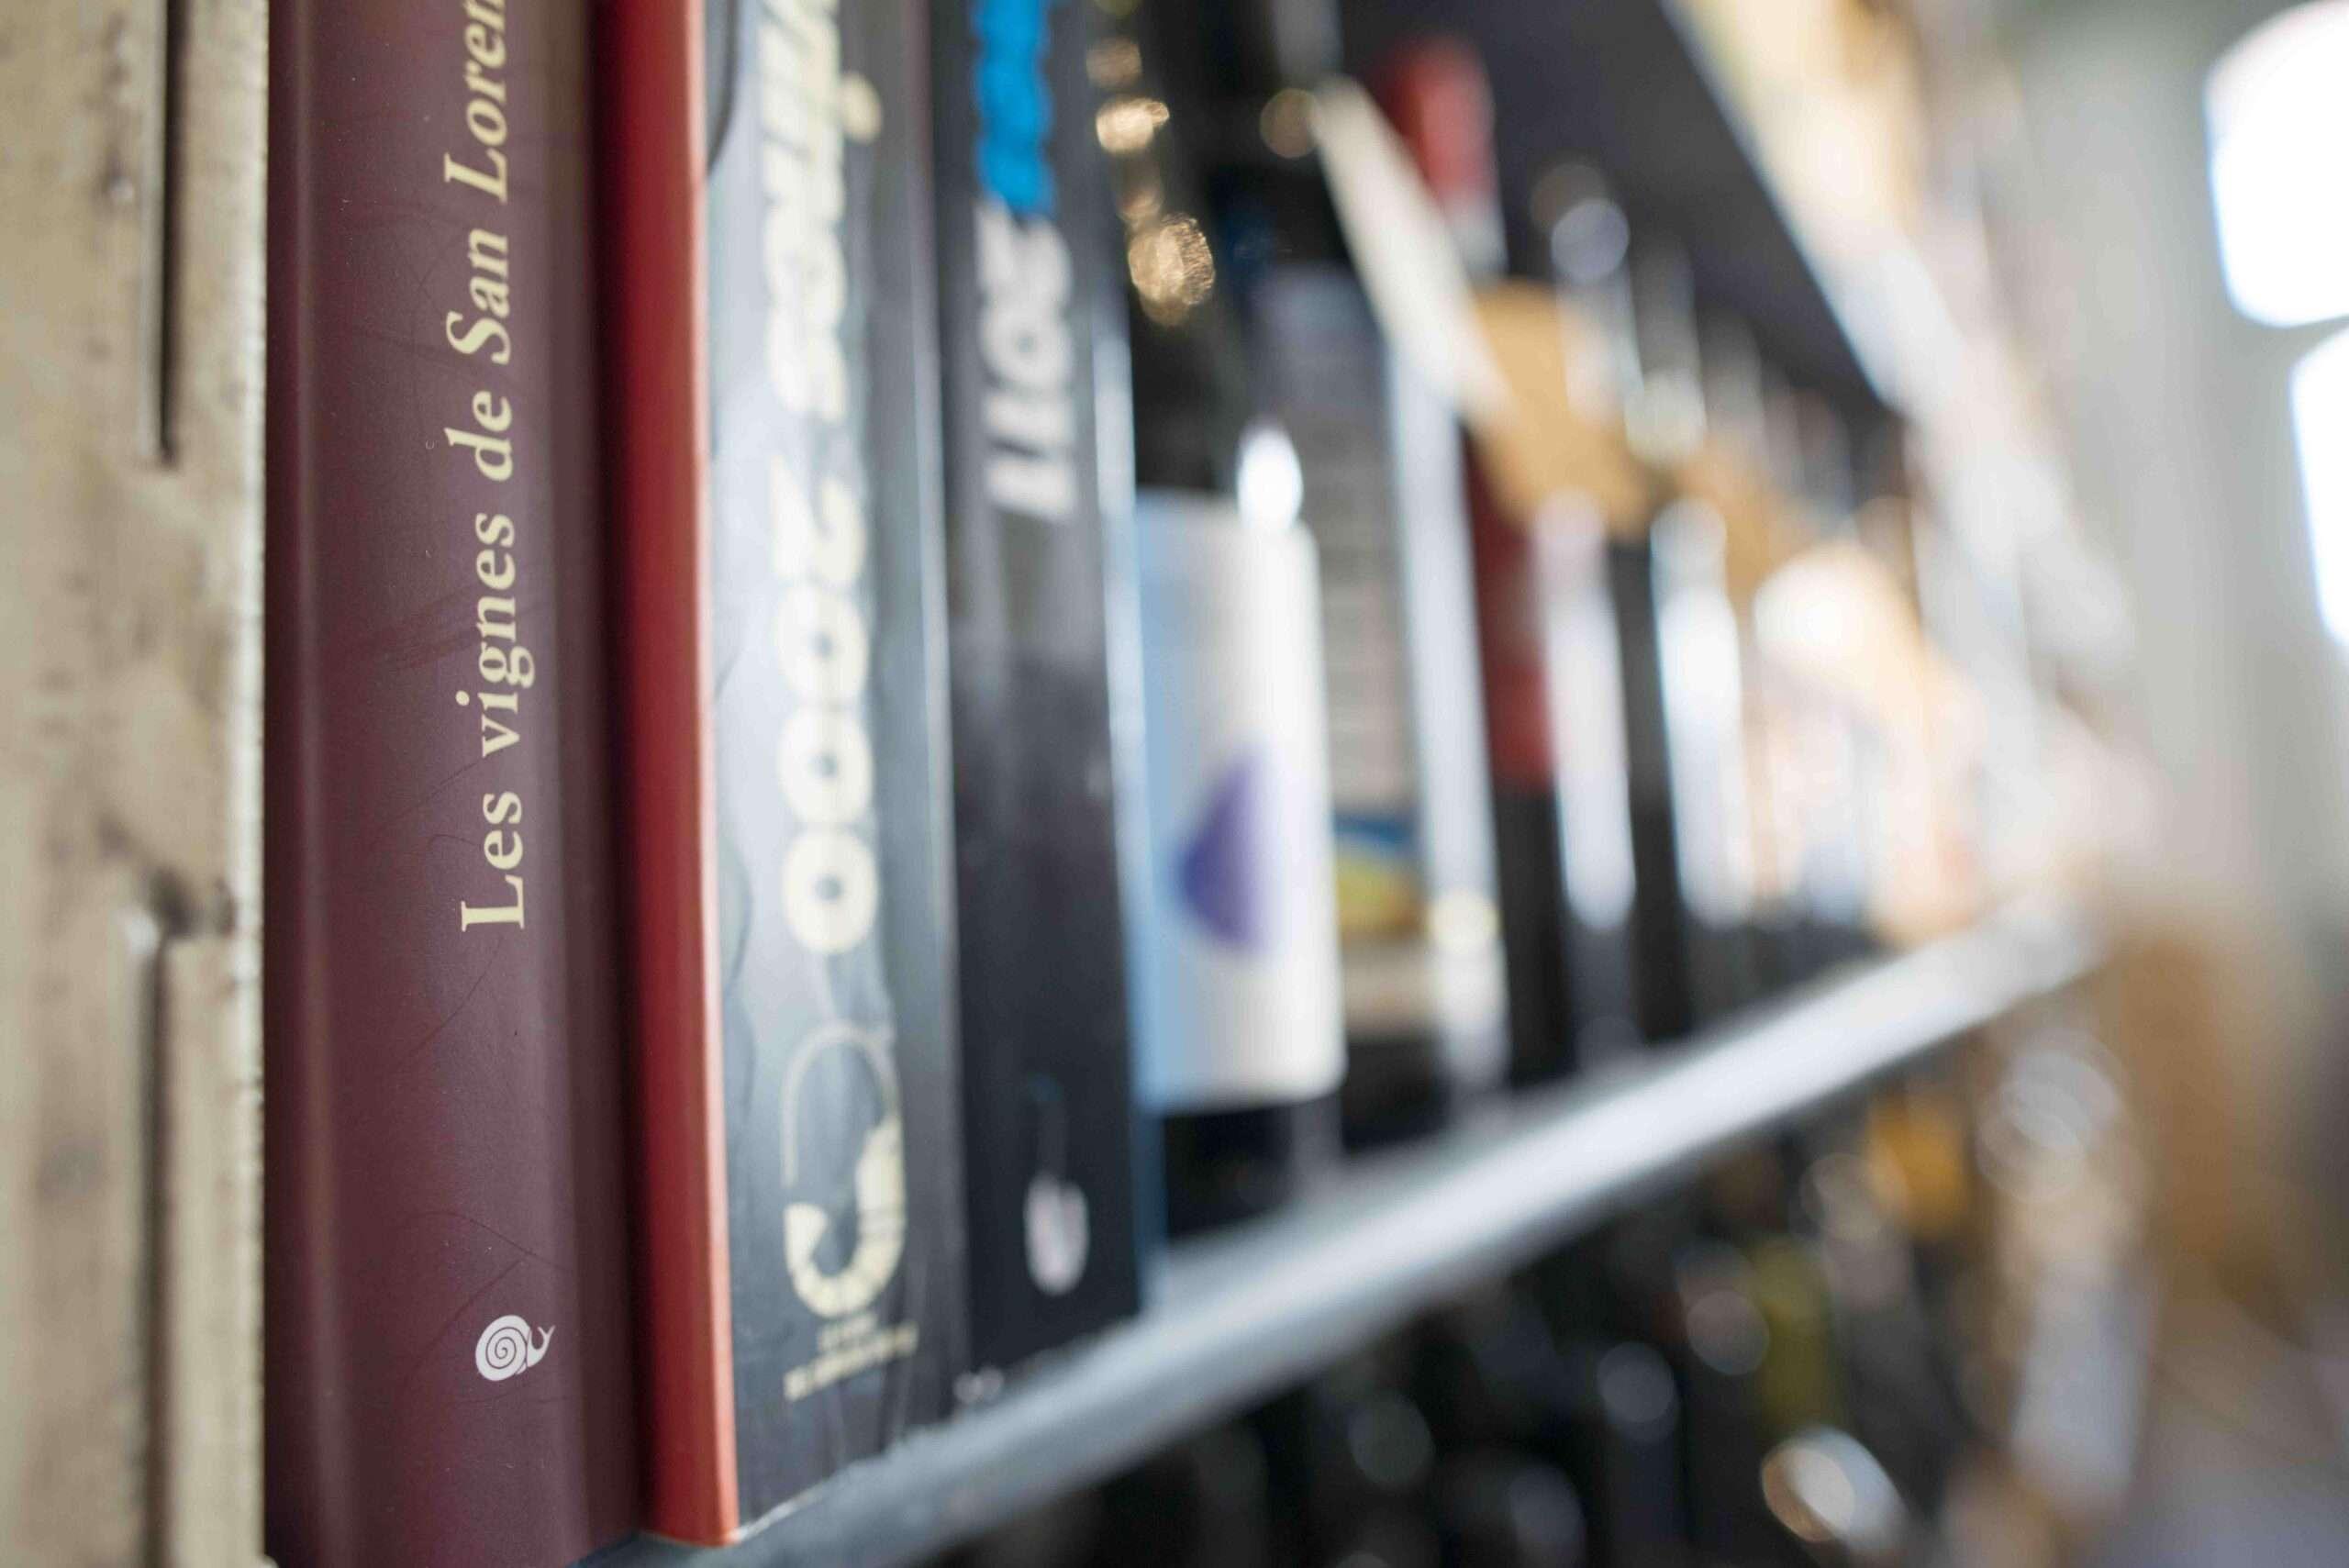 Juste Wijnkoperij, Middelburg, wijn, wijnimport, horeca, Walcheren, Zeeland